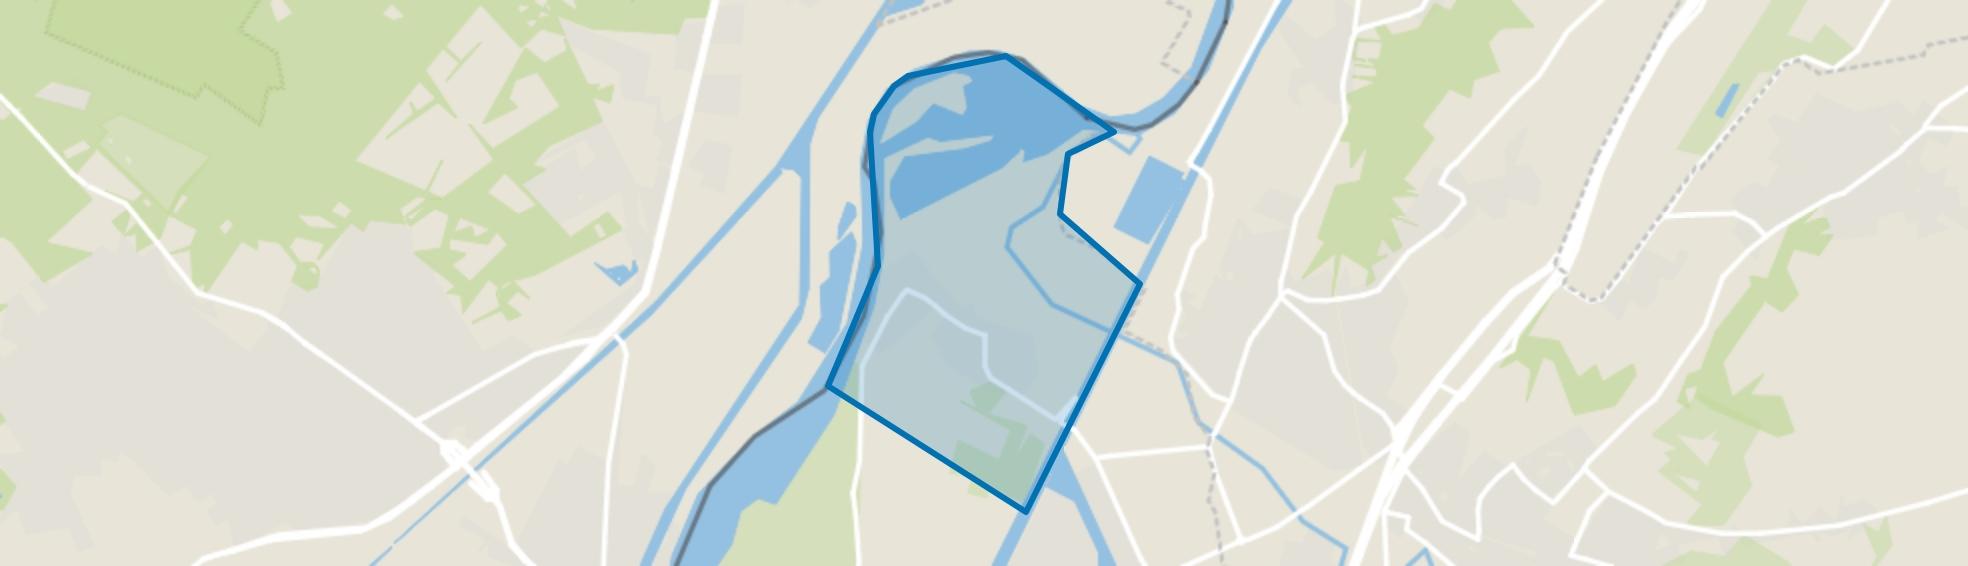 Itteren, Maastricht map